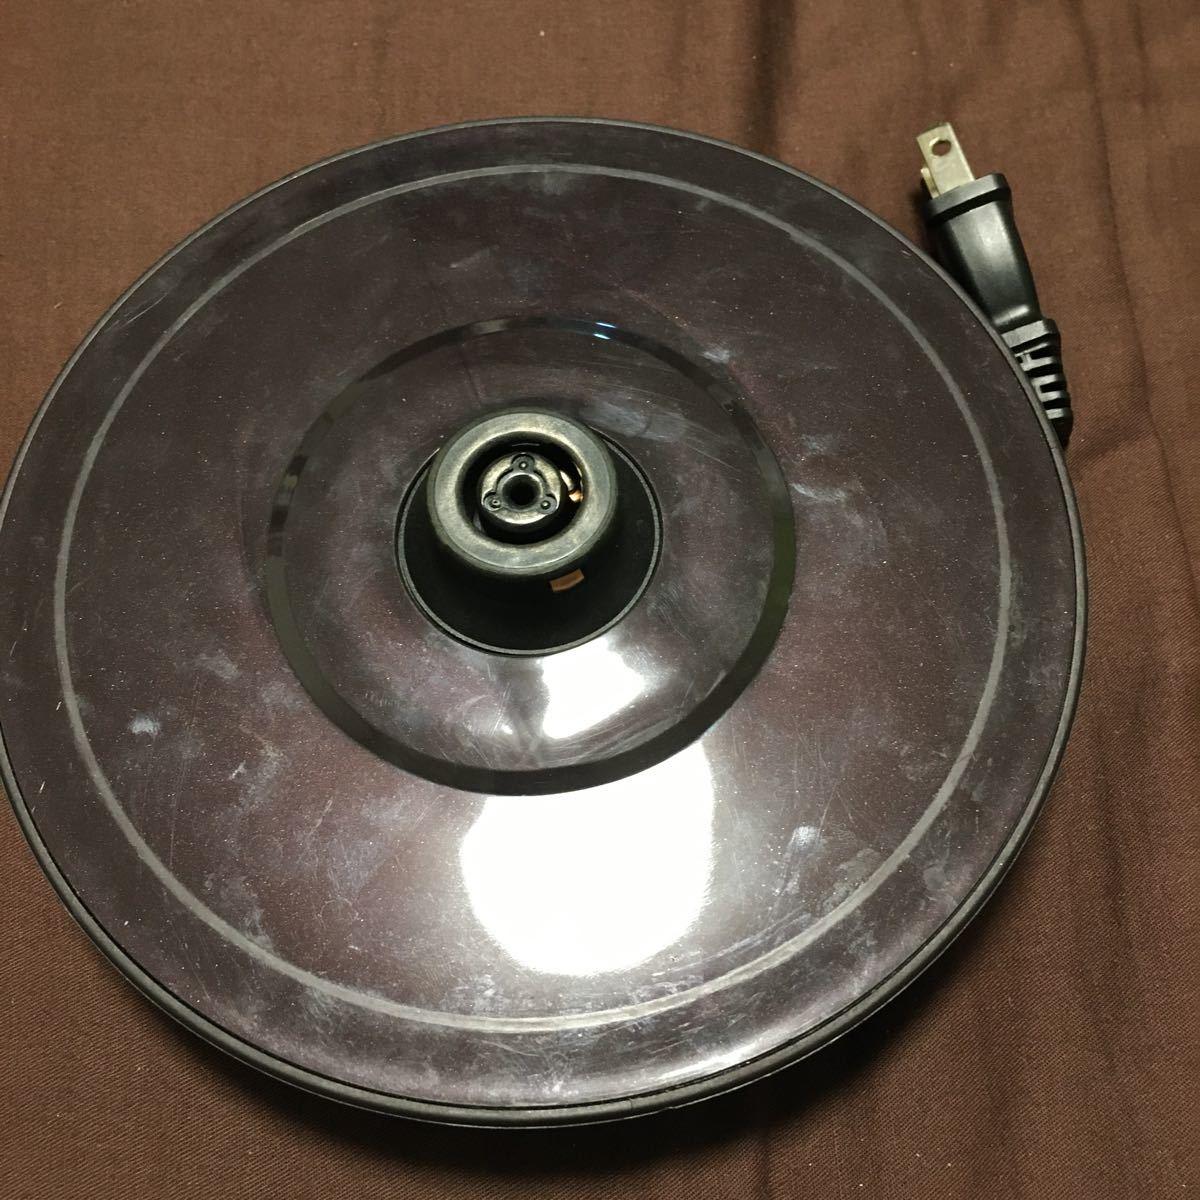 【電気ケトル】ティファール Justin+の通電皿 電気ケトル用電源コード